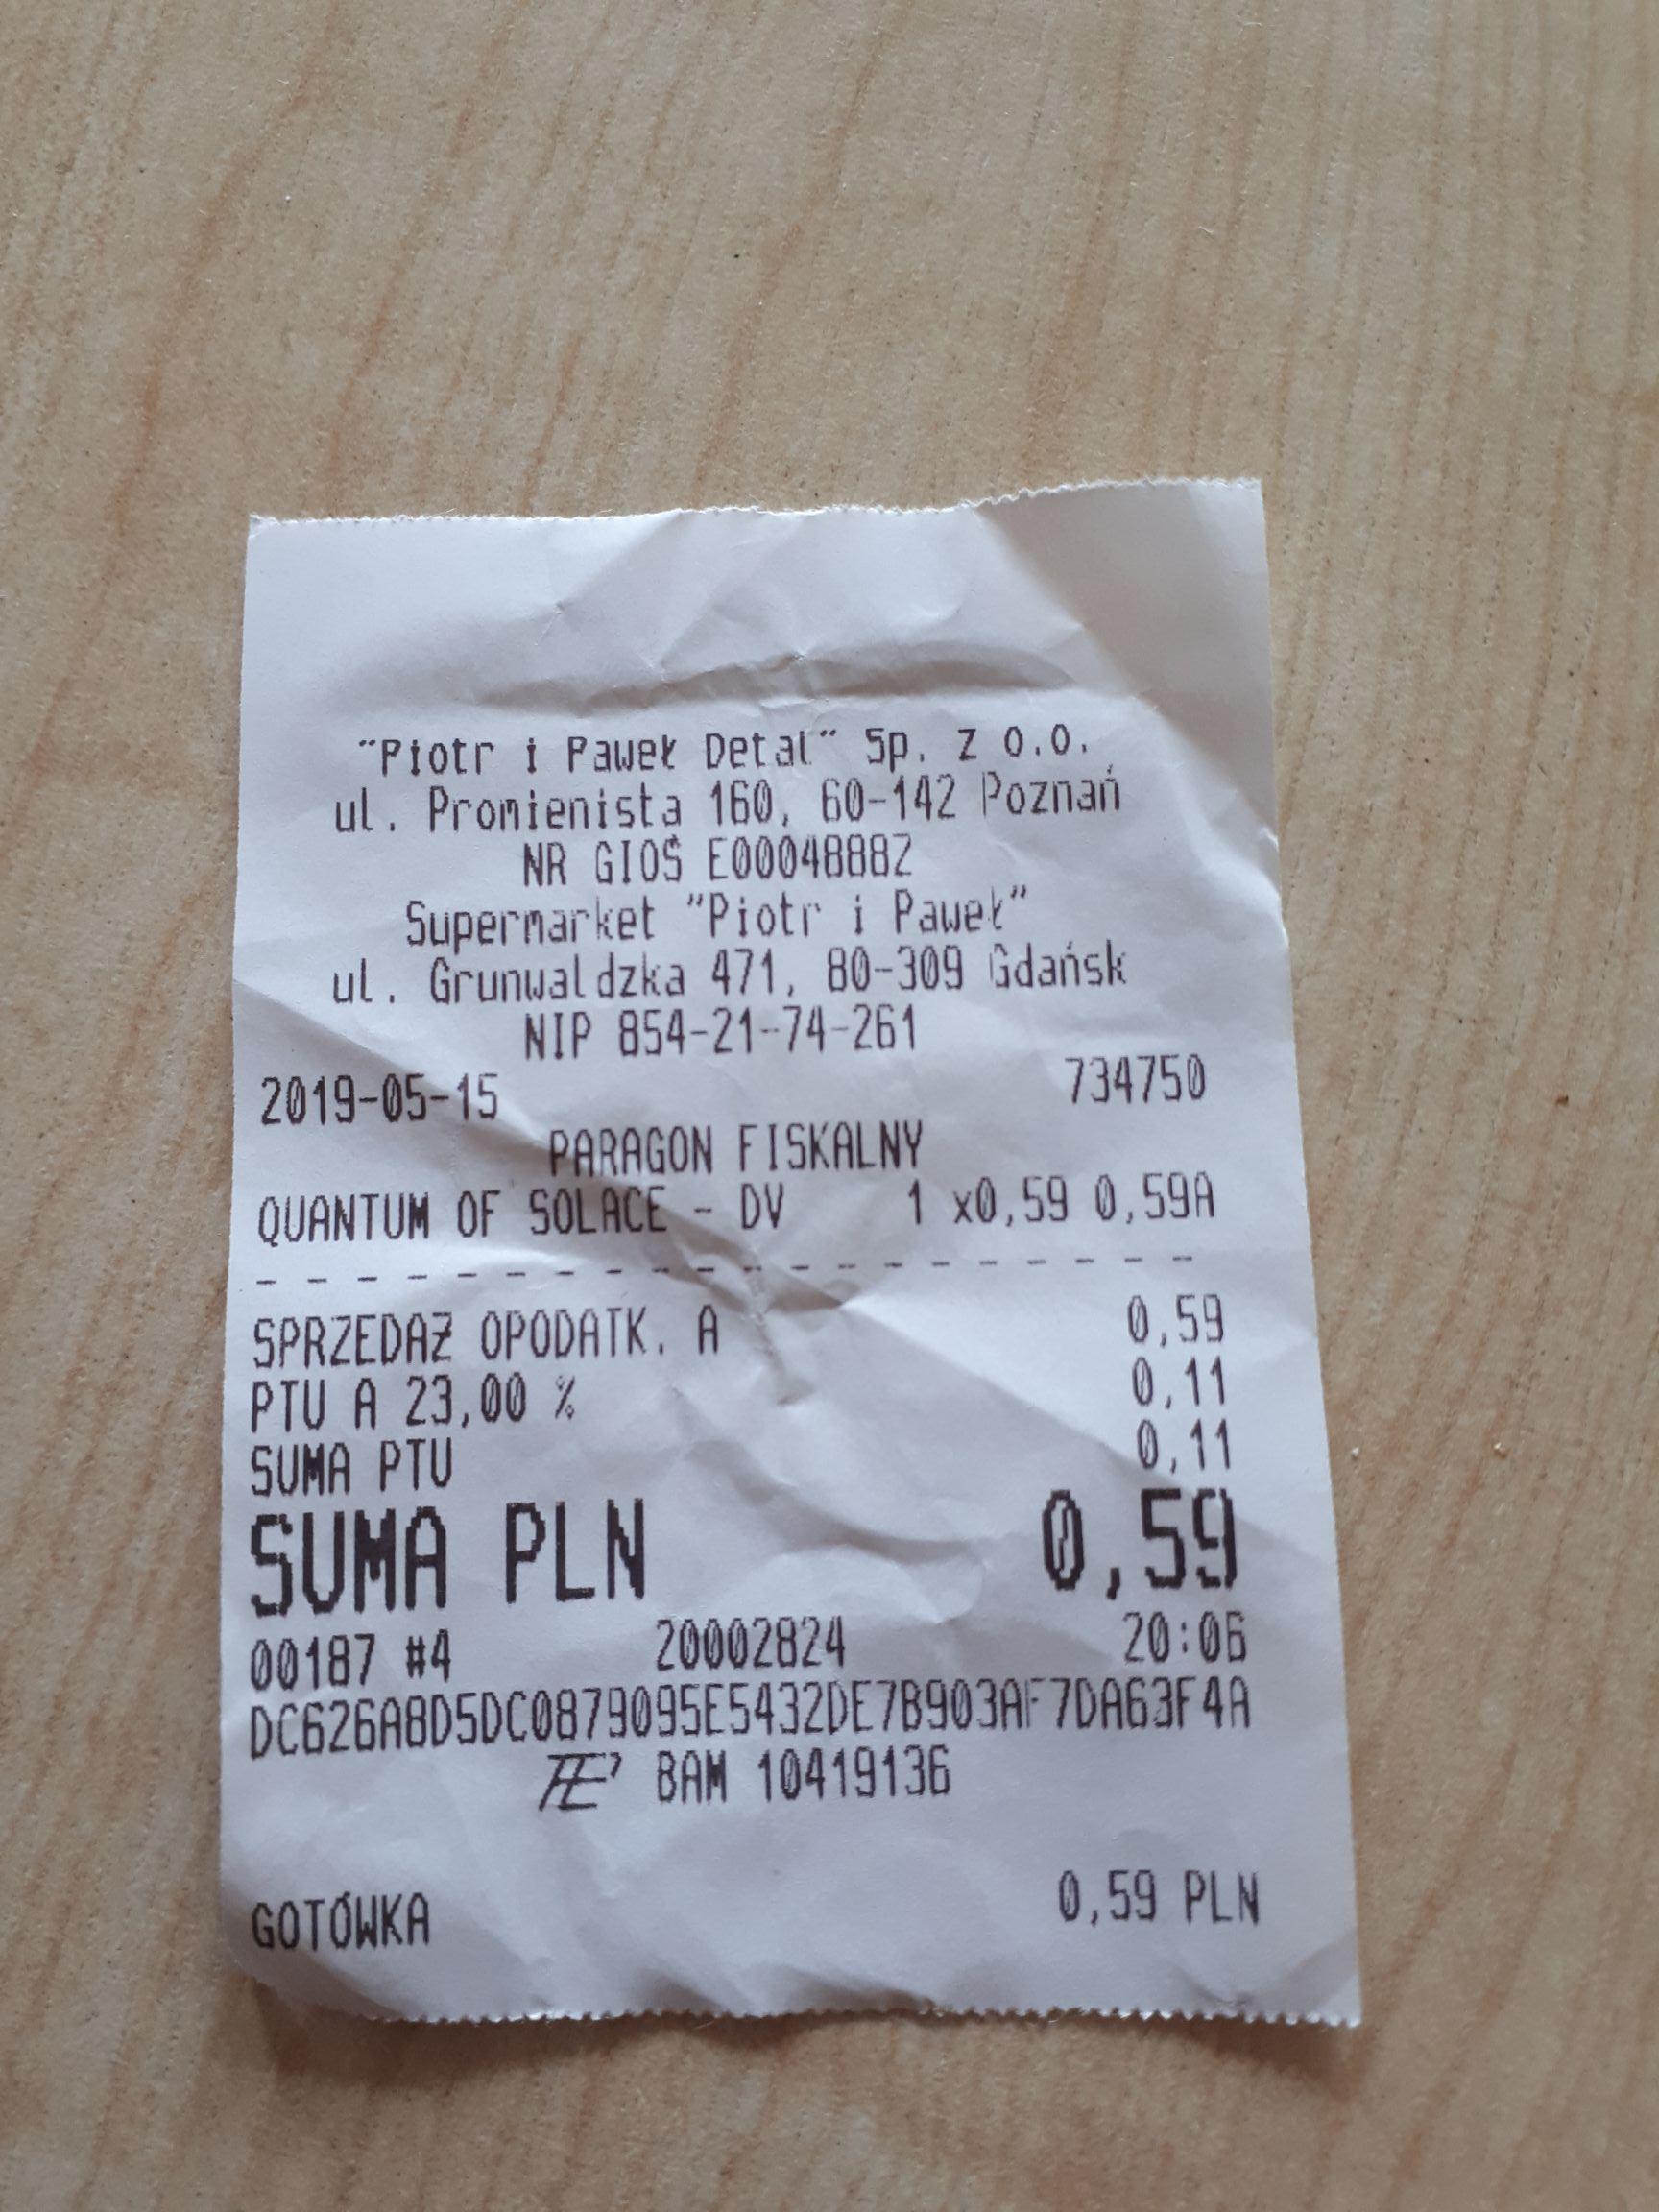 Bond Quantum of Solace na DVD @ Piotr i Paweł (Poznań, Promienista)